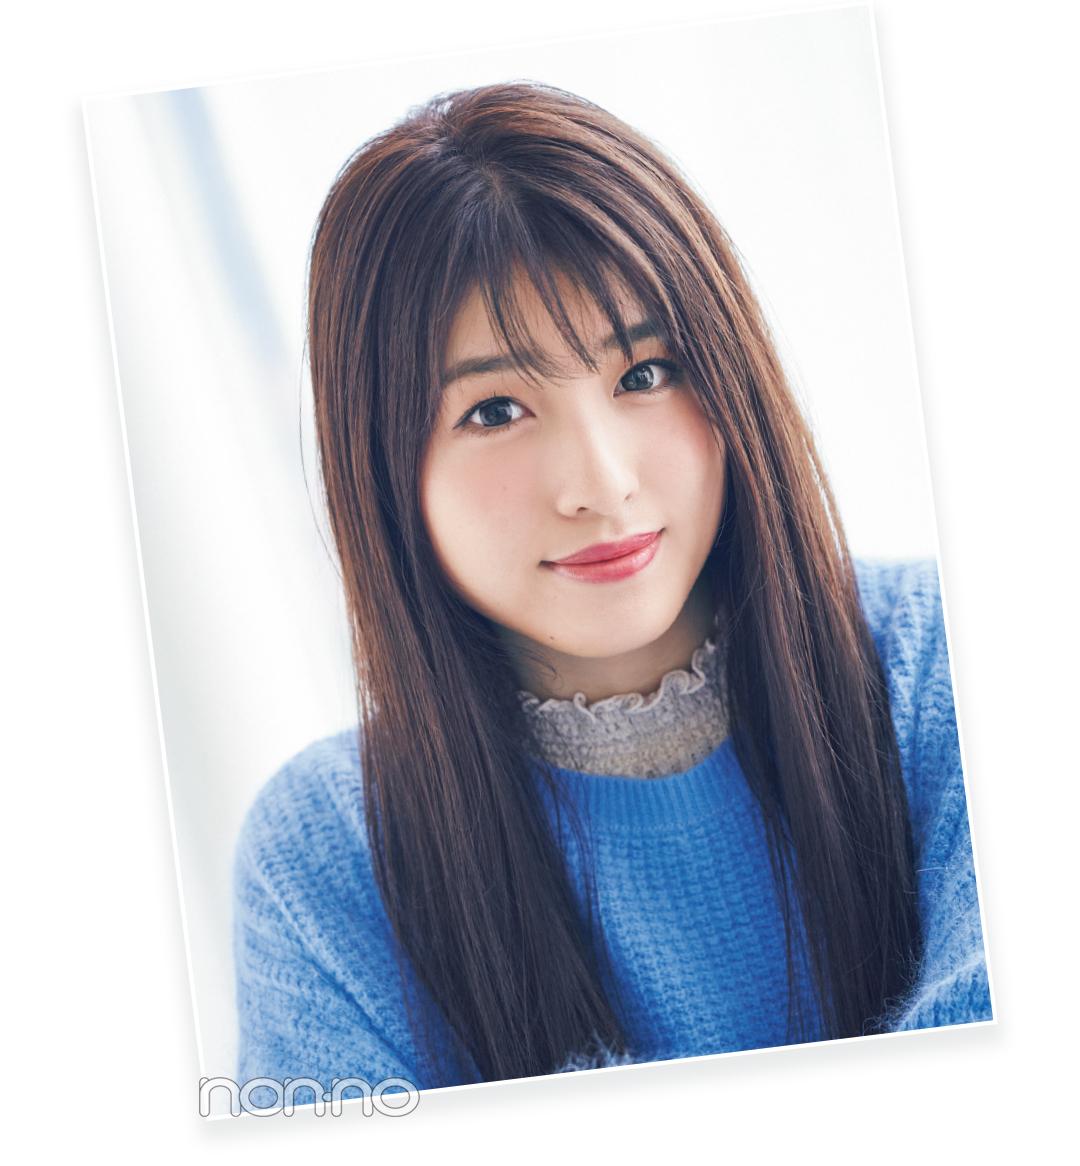 今田美桜さん風の前髪って、どんなタイプにおすすめ?【2019年★髪型を変える!】_1_6